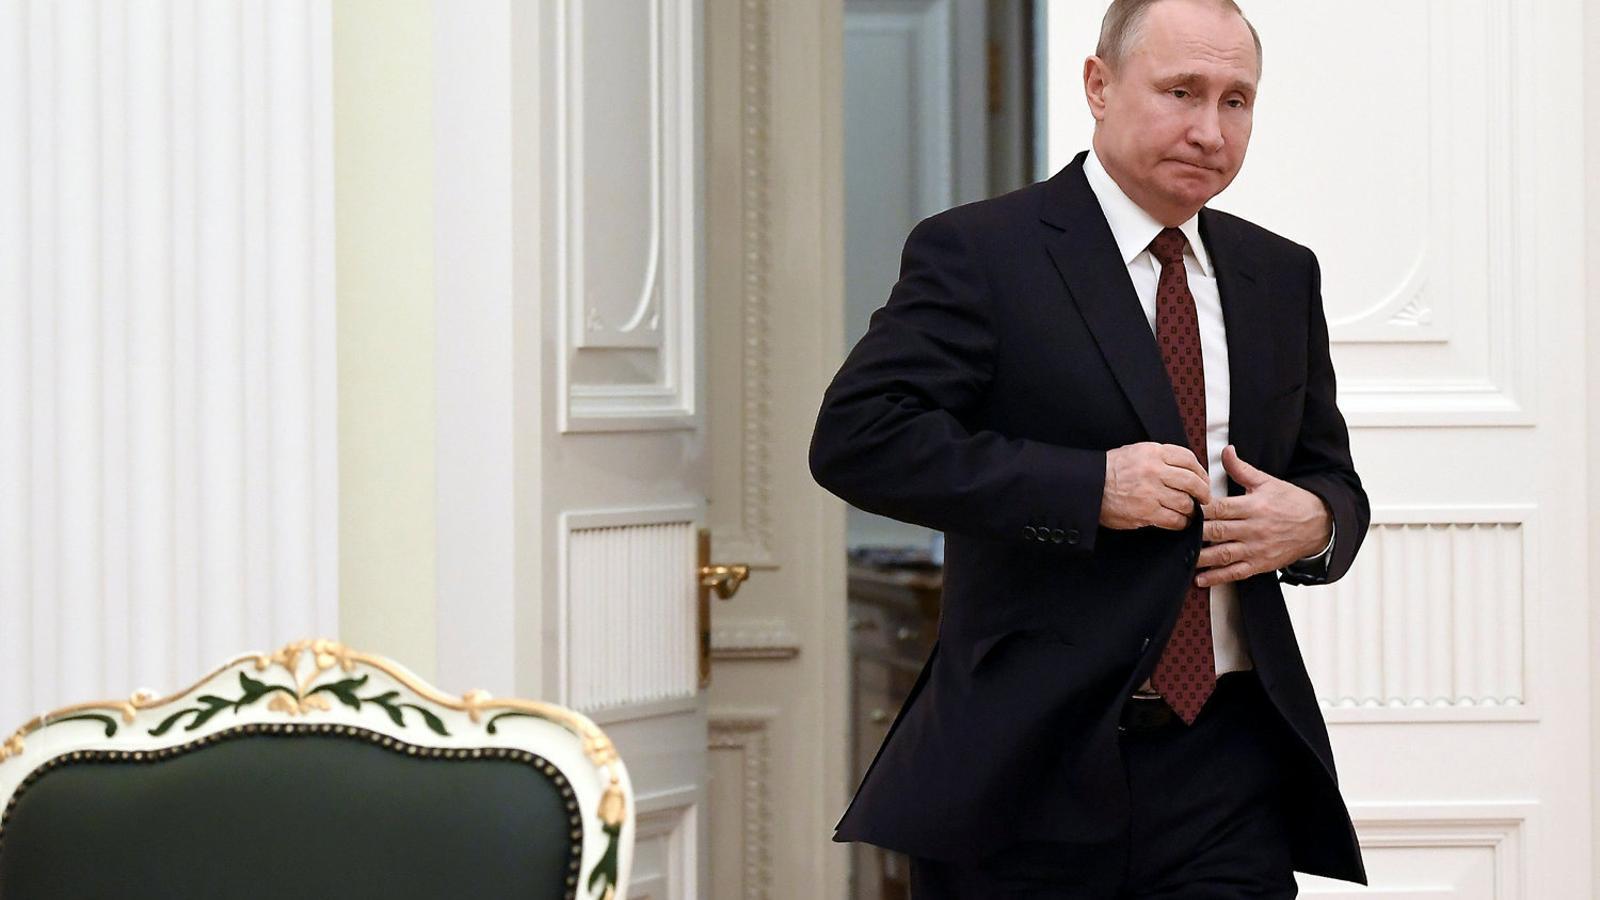 Putin promet diàleg constructiu al món